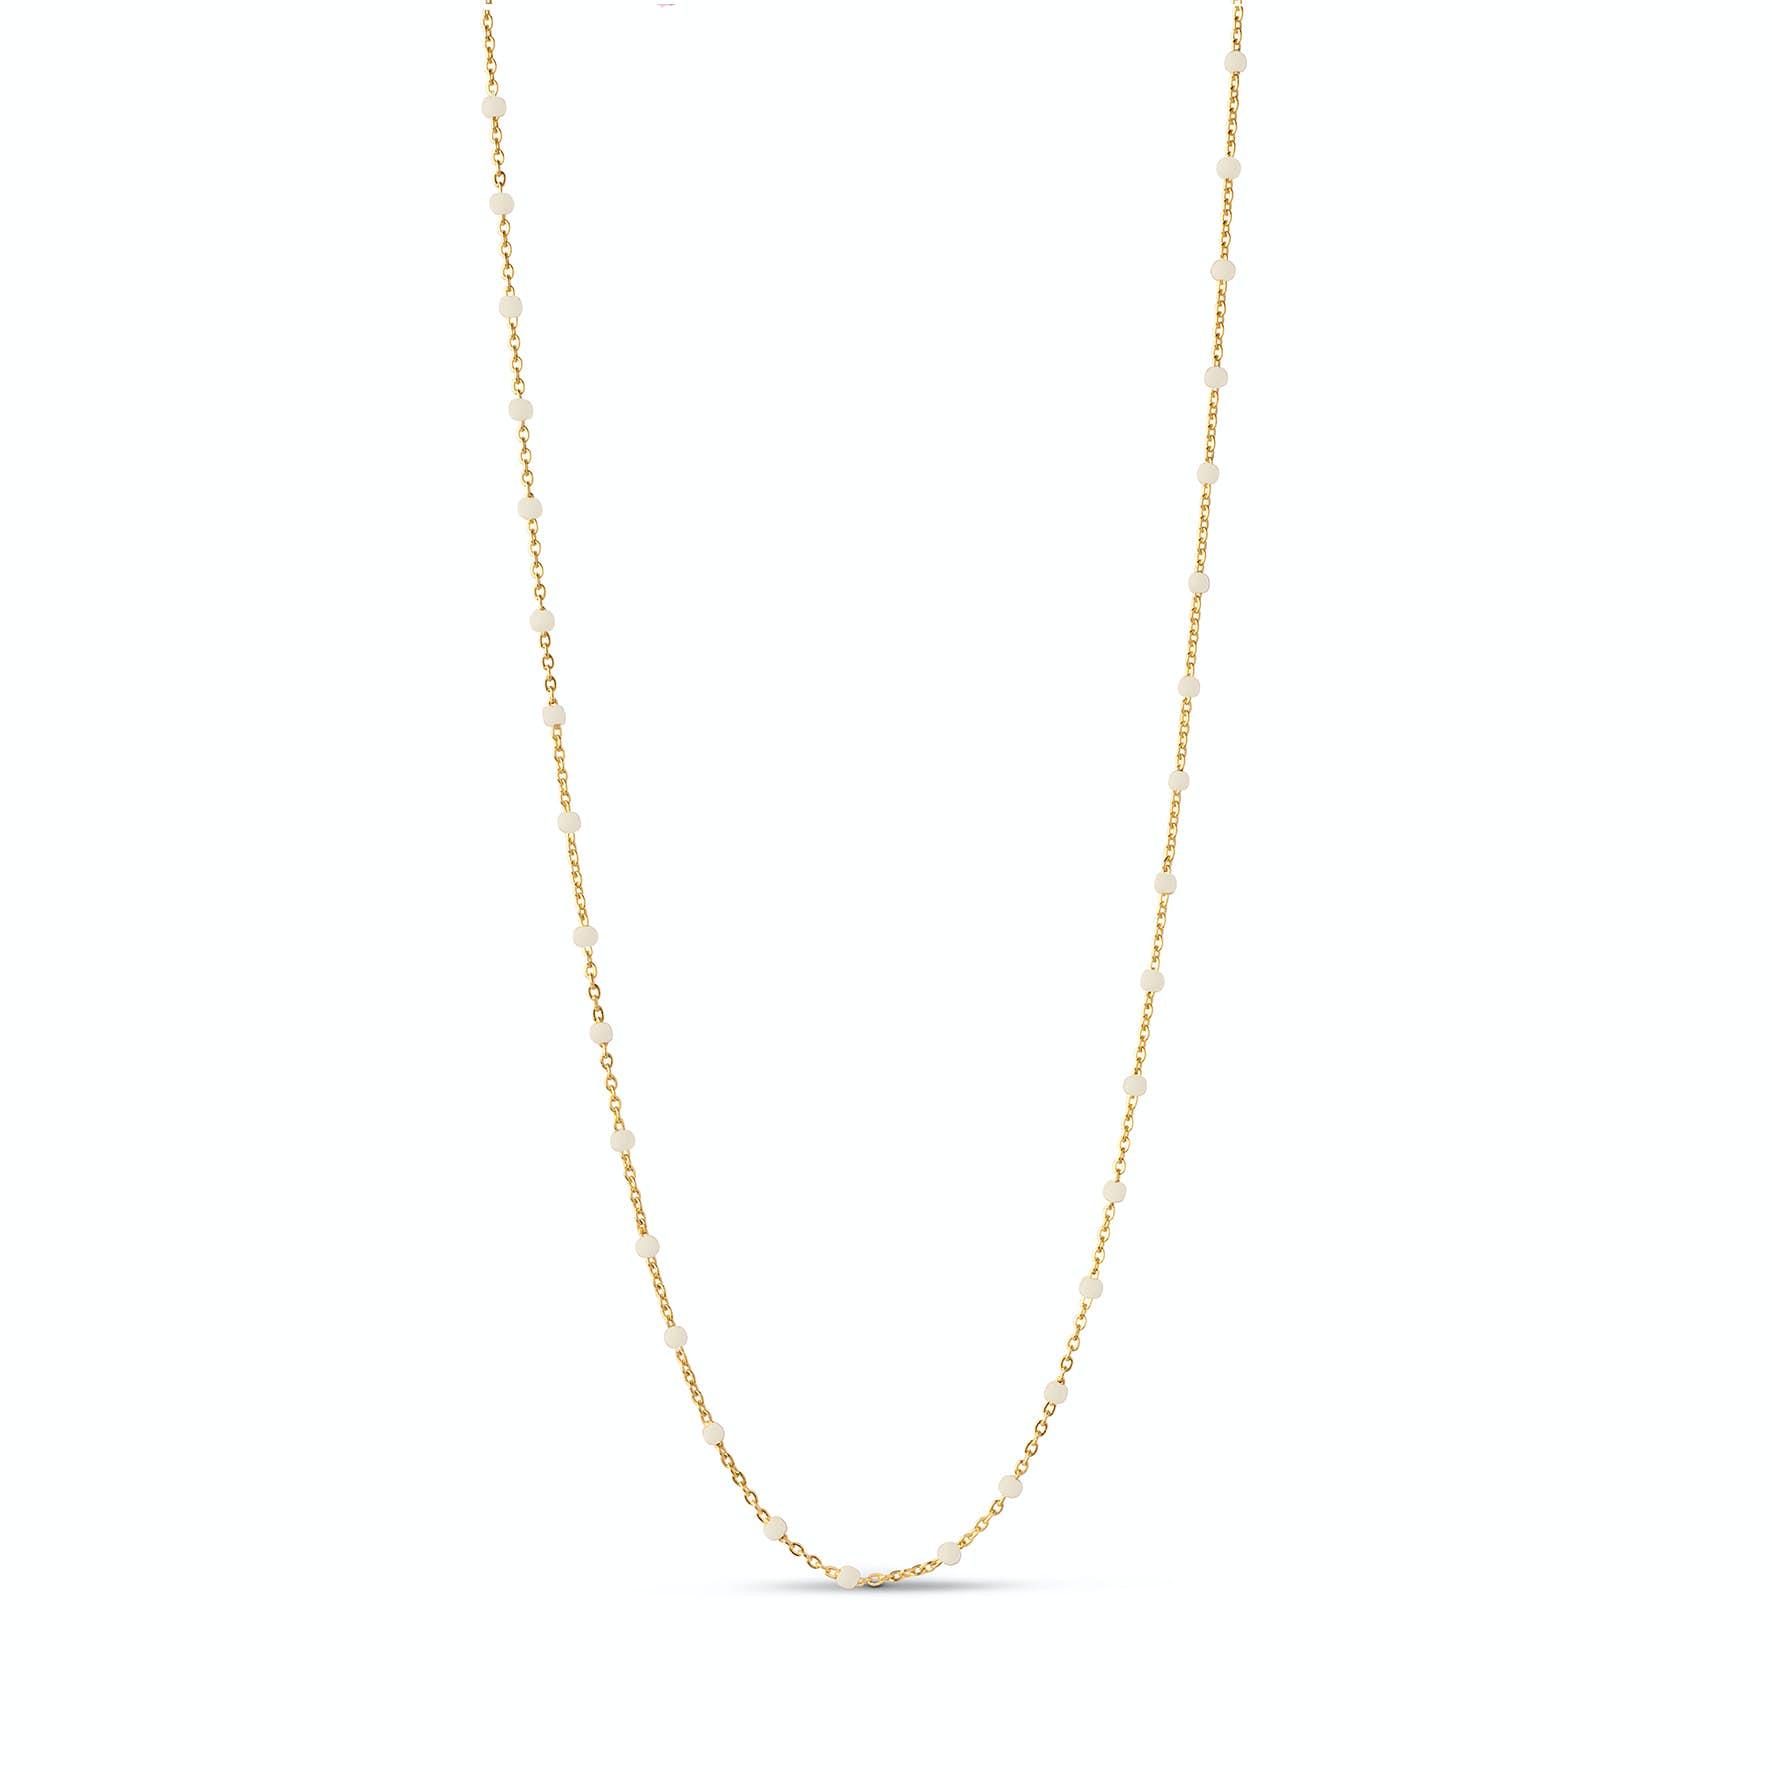 Lola Necklace Daisy fra Enamel Copenhagen i Forgyldt-Sølv Sterling 925